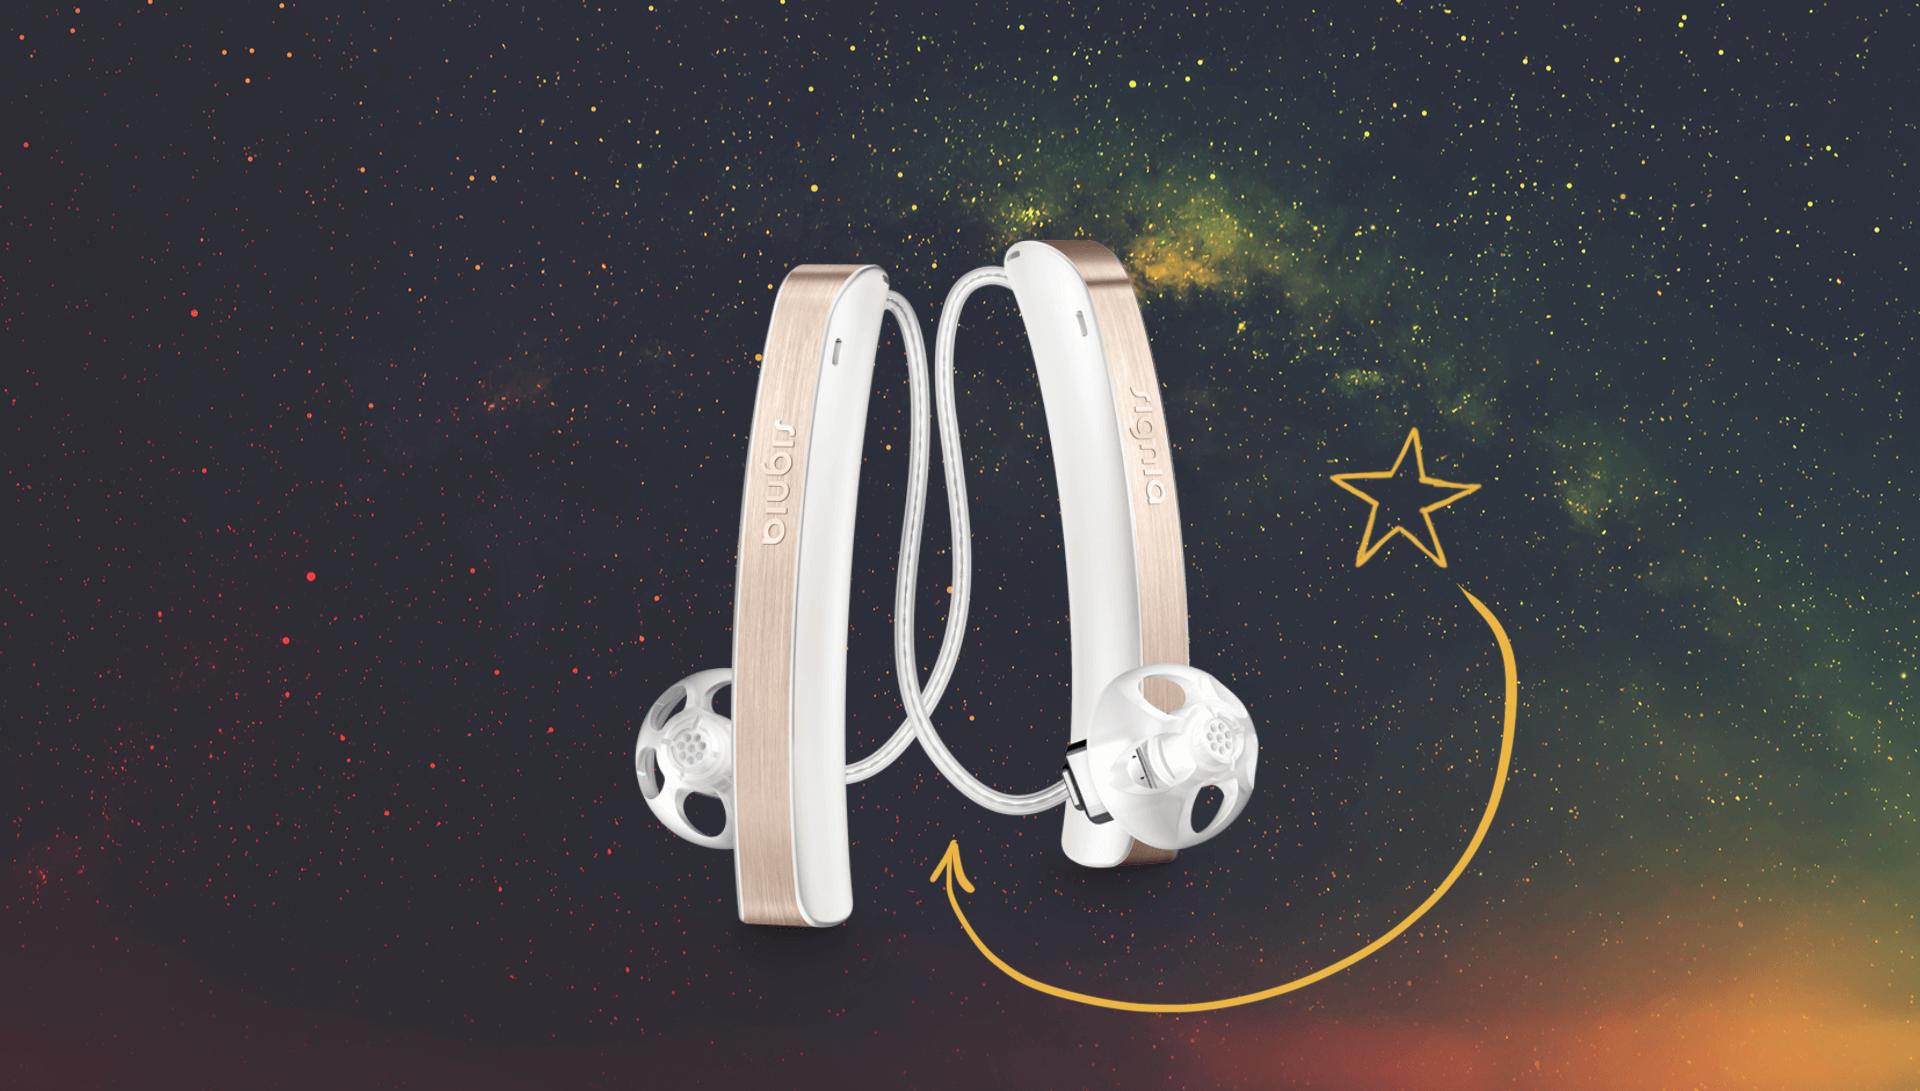 Zwei Exhörer-Hörgeräte schweben im All